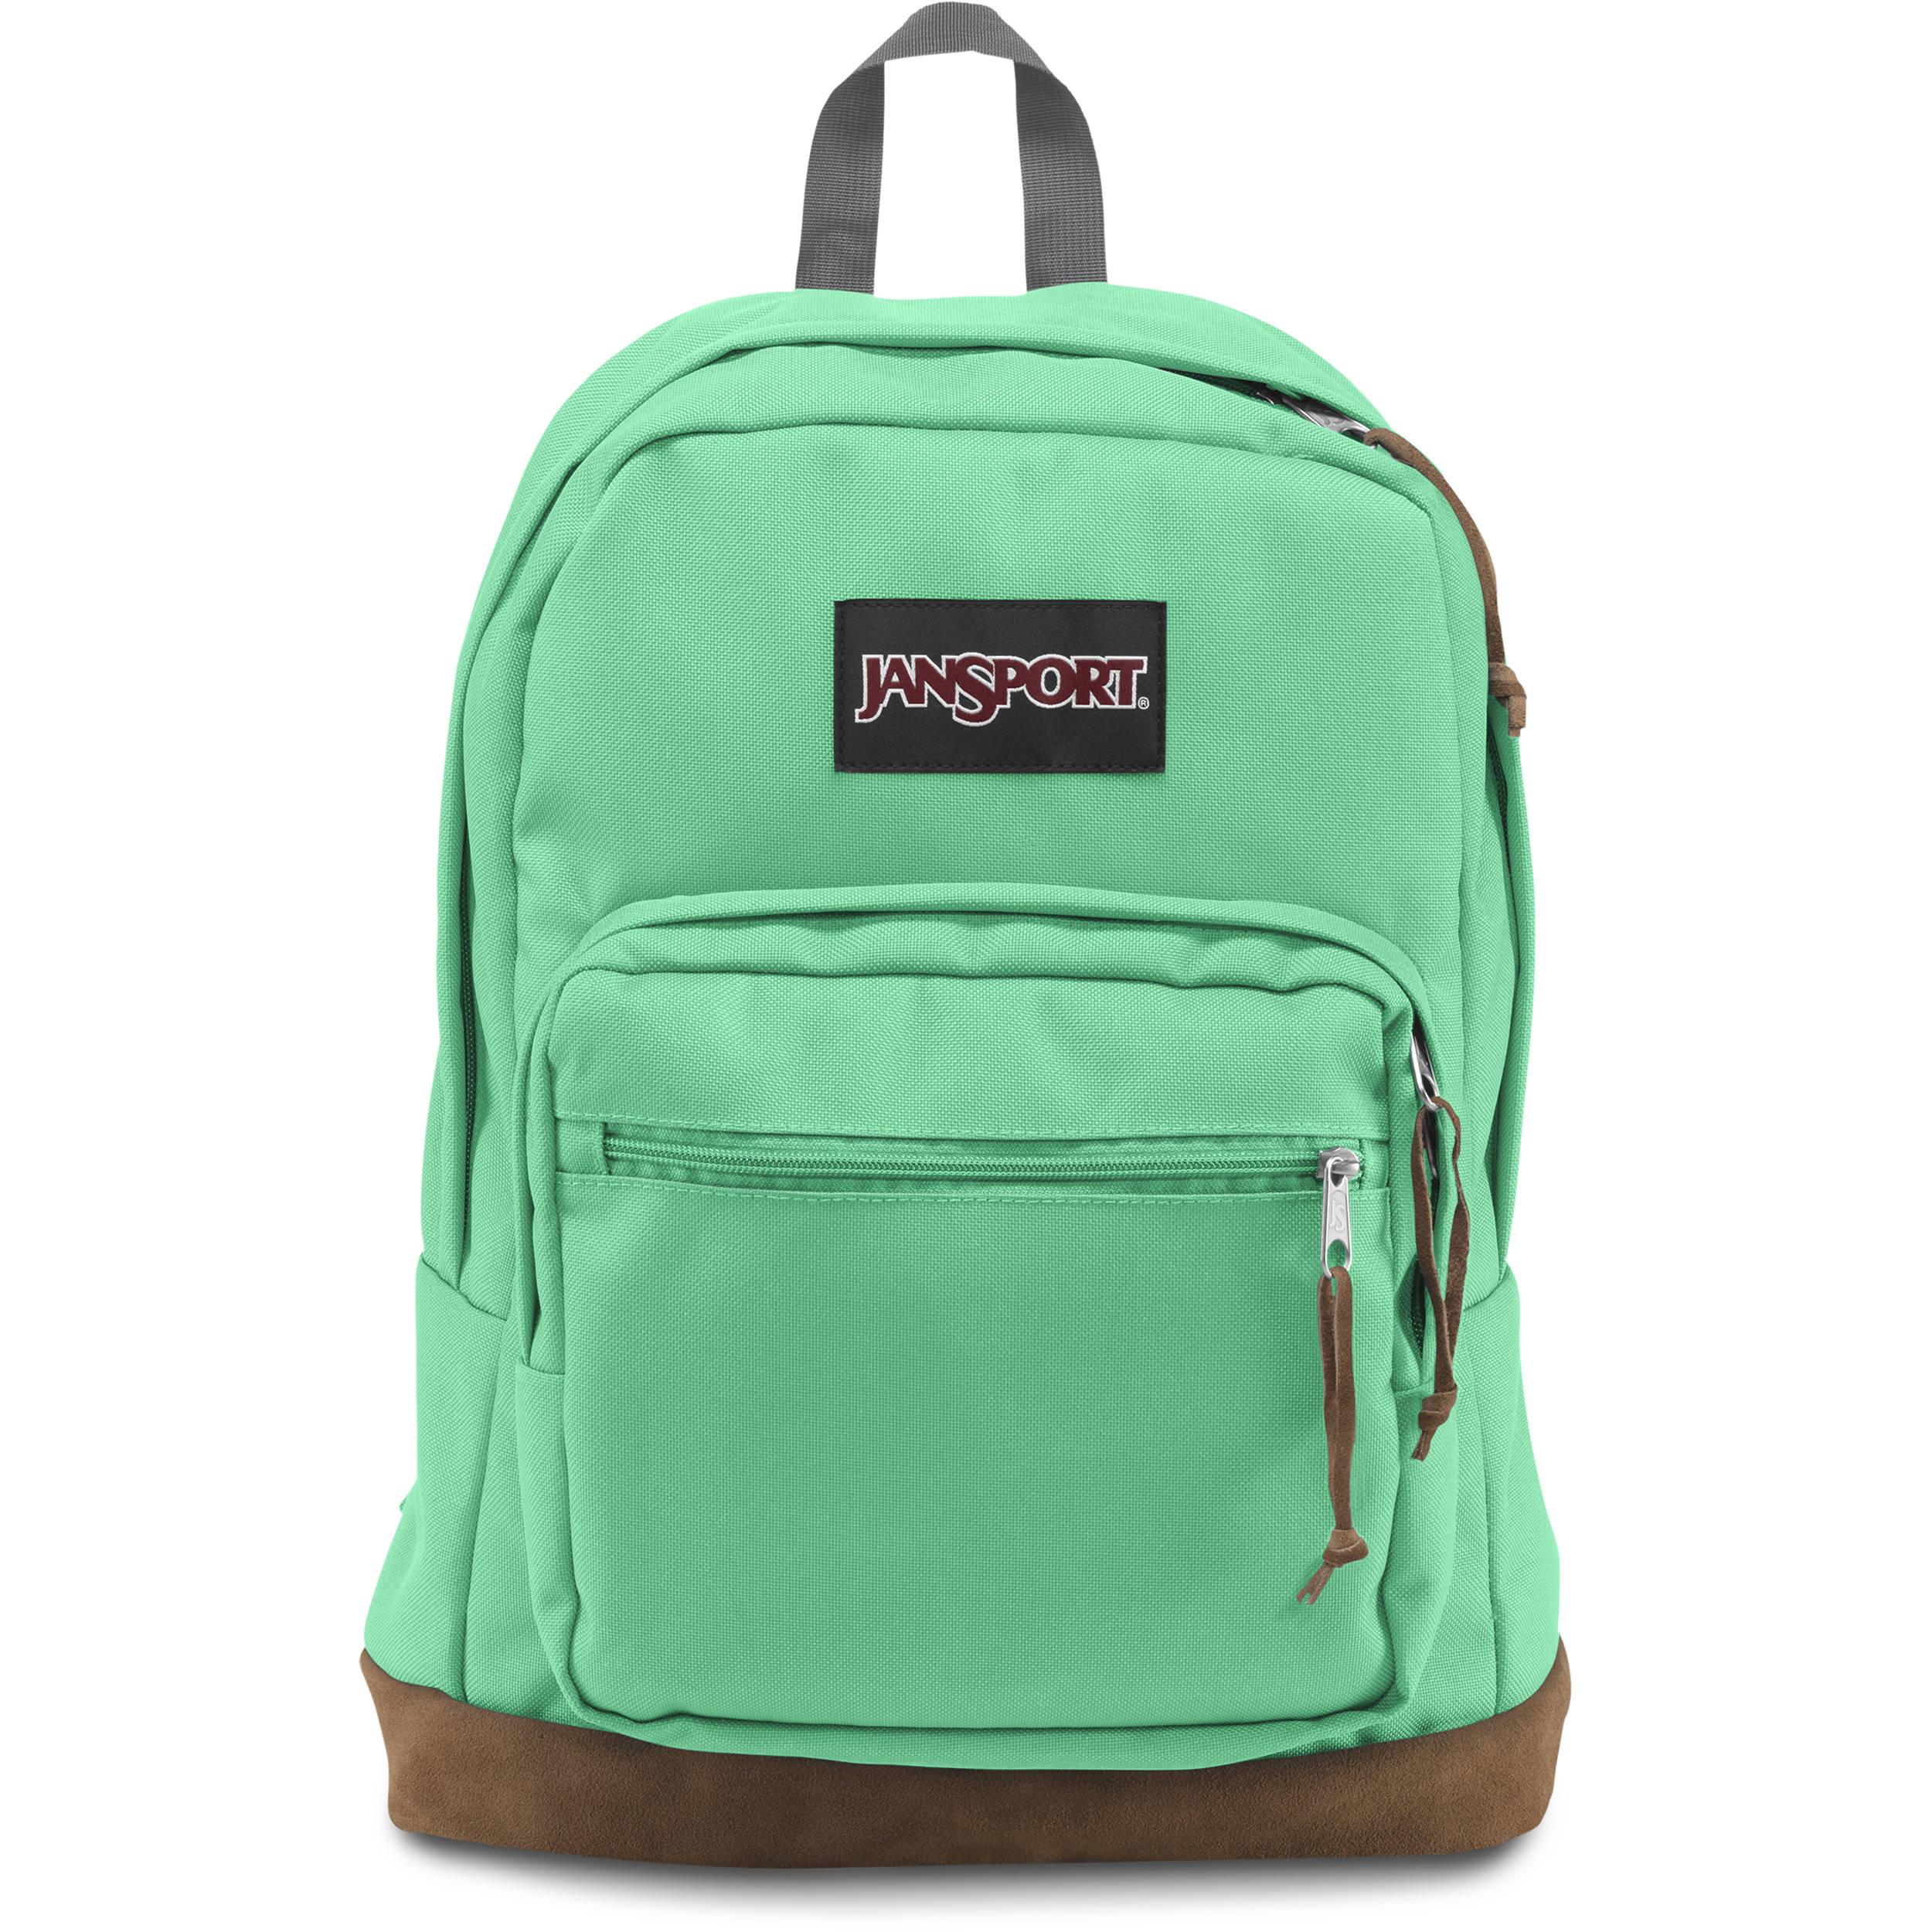 Jansport Backpack Blue Green – TrendBackpack